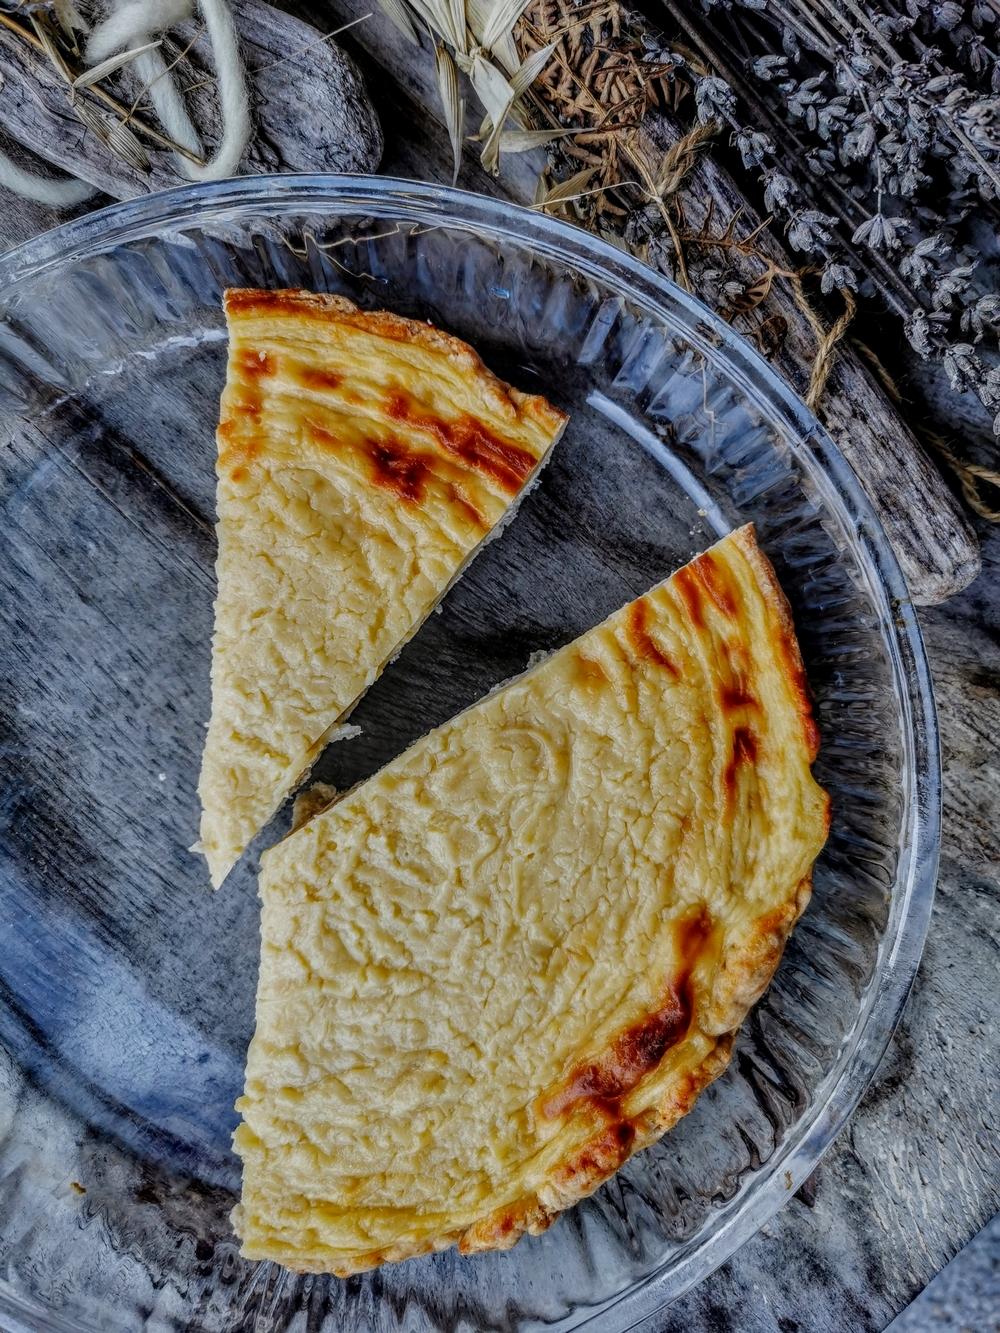 Recette du papet jurassien, tarte à la crème